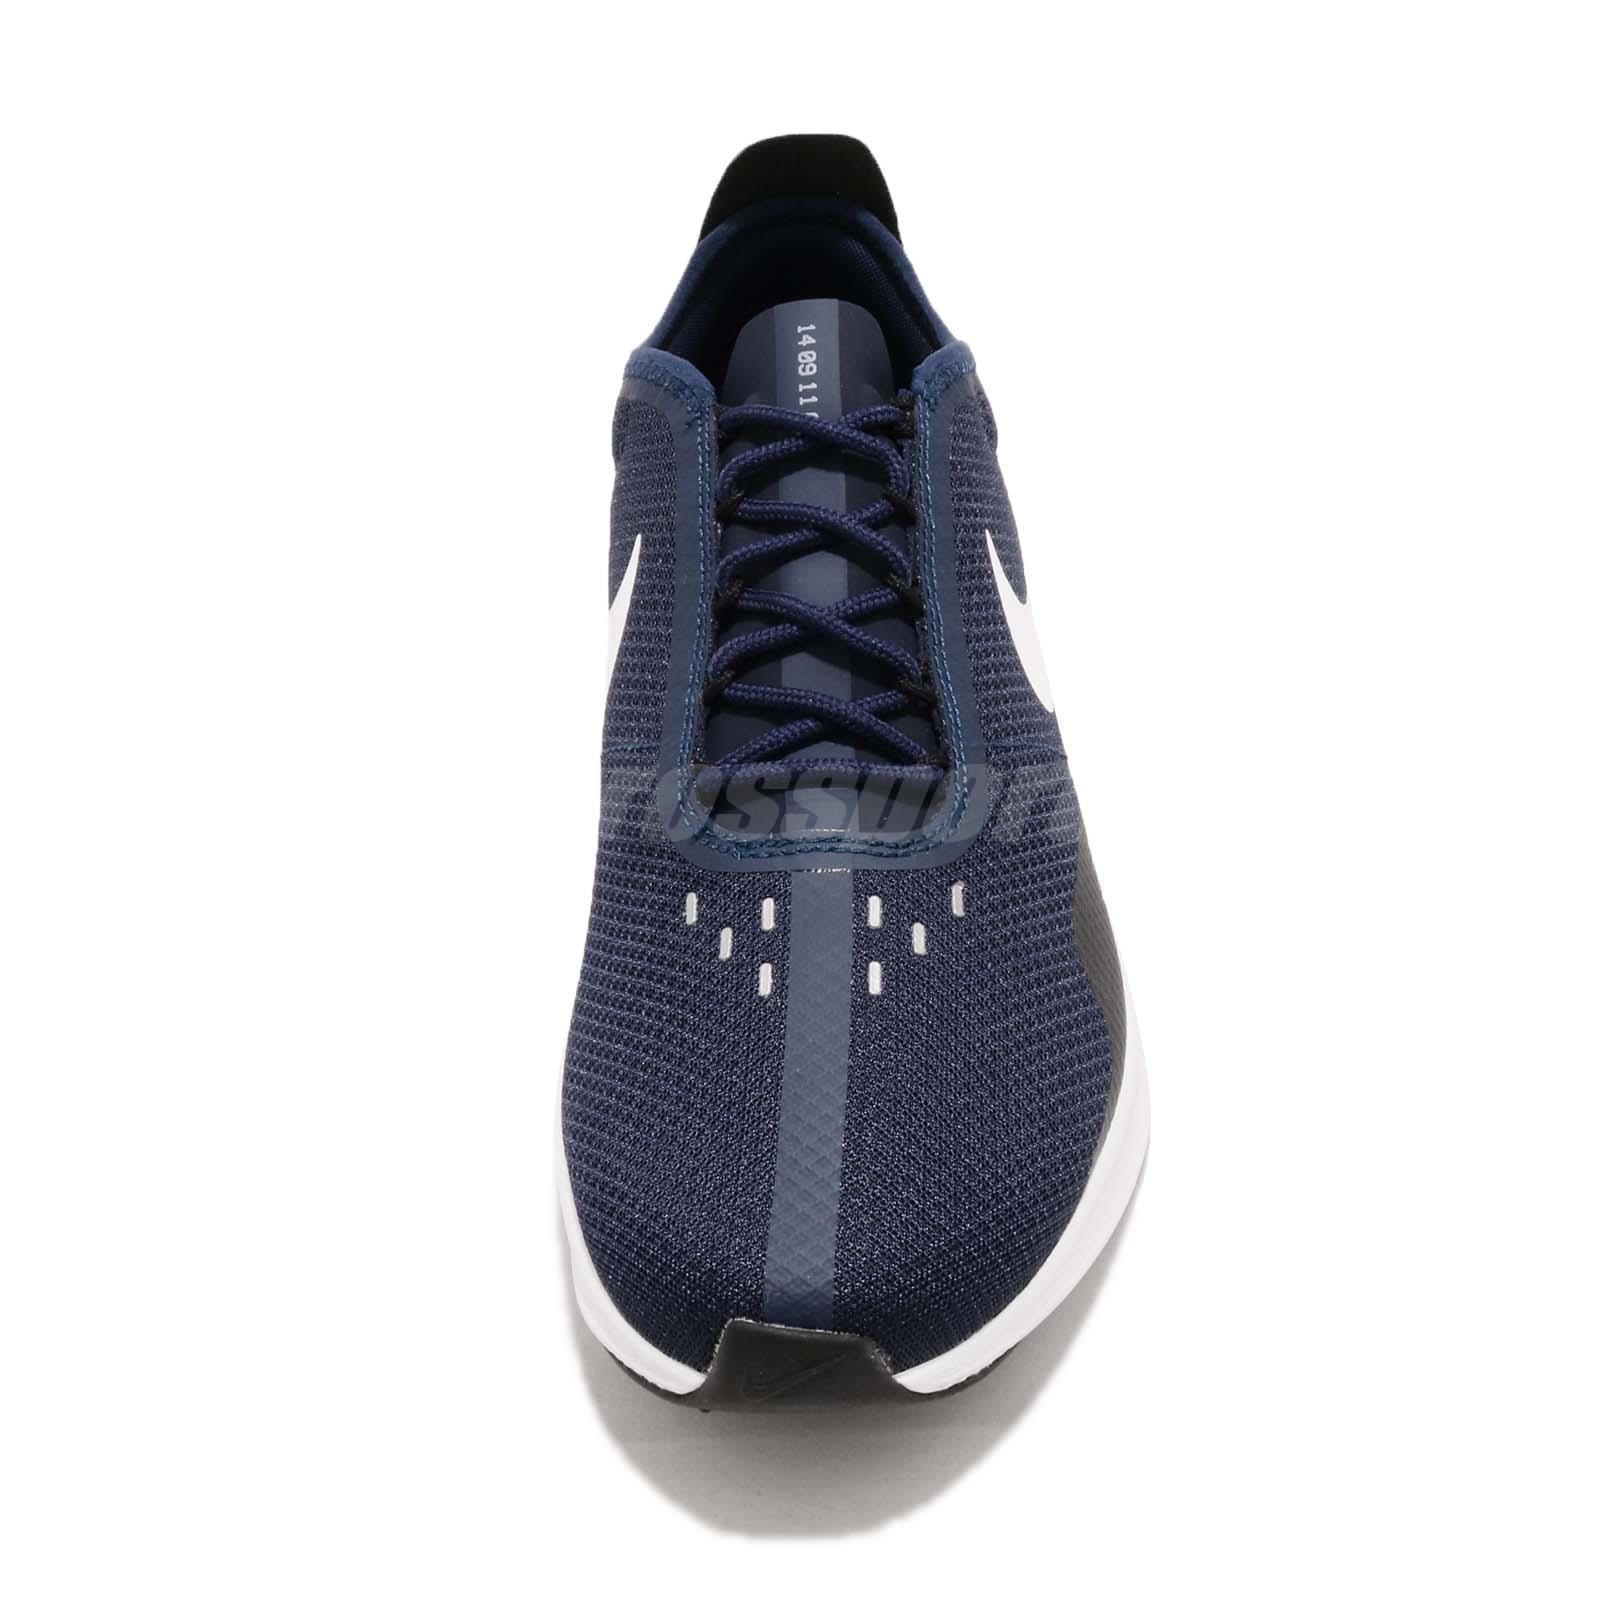 online store 00eb6 3e894 Nike EXP-Z07 Navy White Blue Black Men Running Training Shoes ...